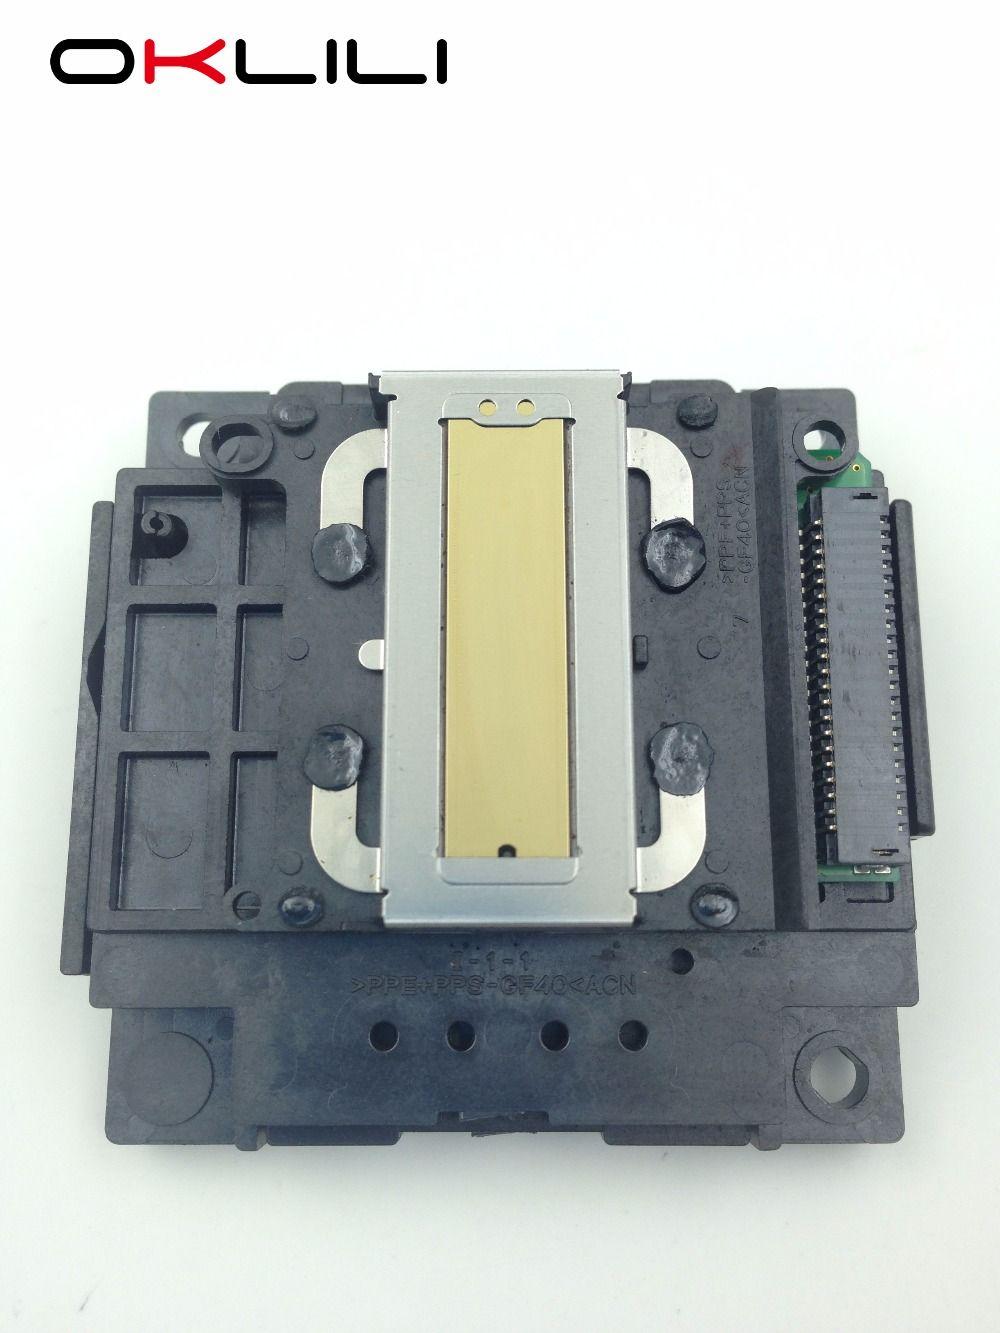 FA04010 FA04000 Druckkopf Druckkopf für Epson L120 L210 L300 L350 L355 L550 L555 L551 L558 XP-412 XP-413 VERWENDET, XP-415 XP-420 XP-423